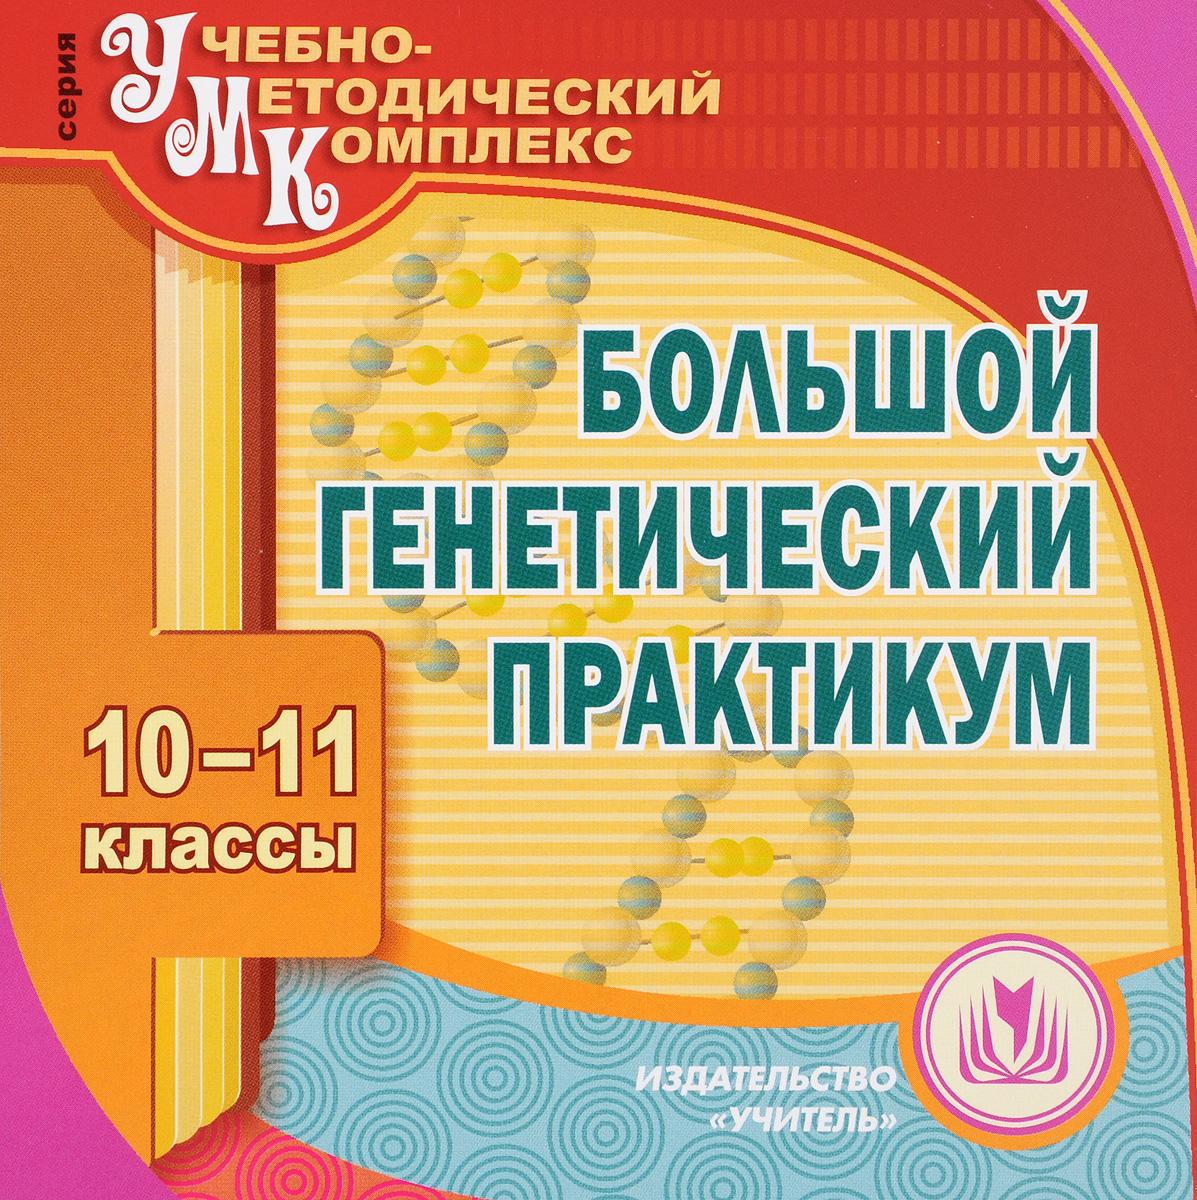 Большой генетический практикум. 10-11 классы